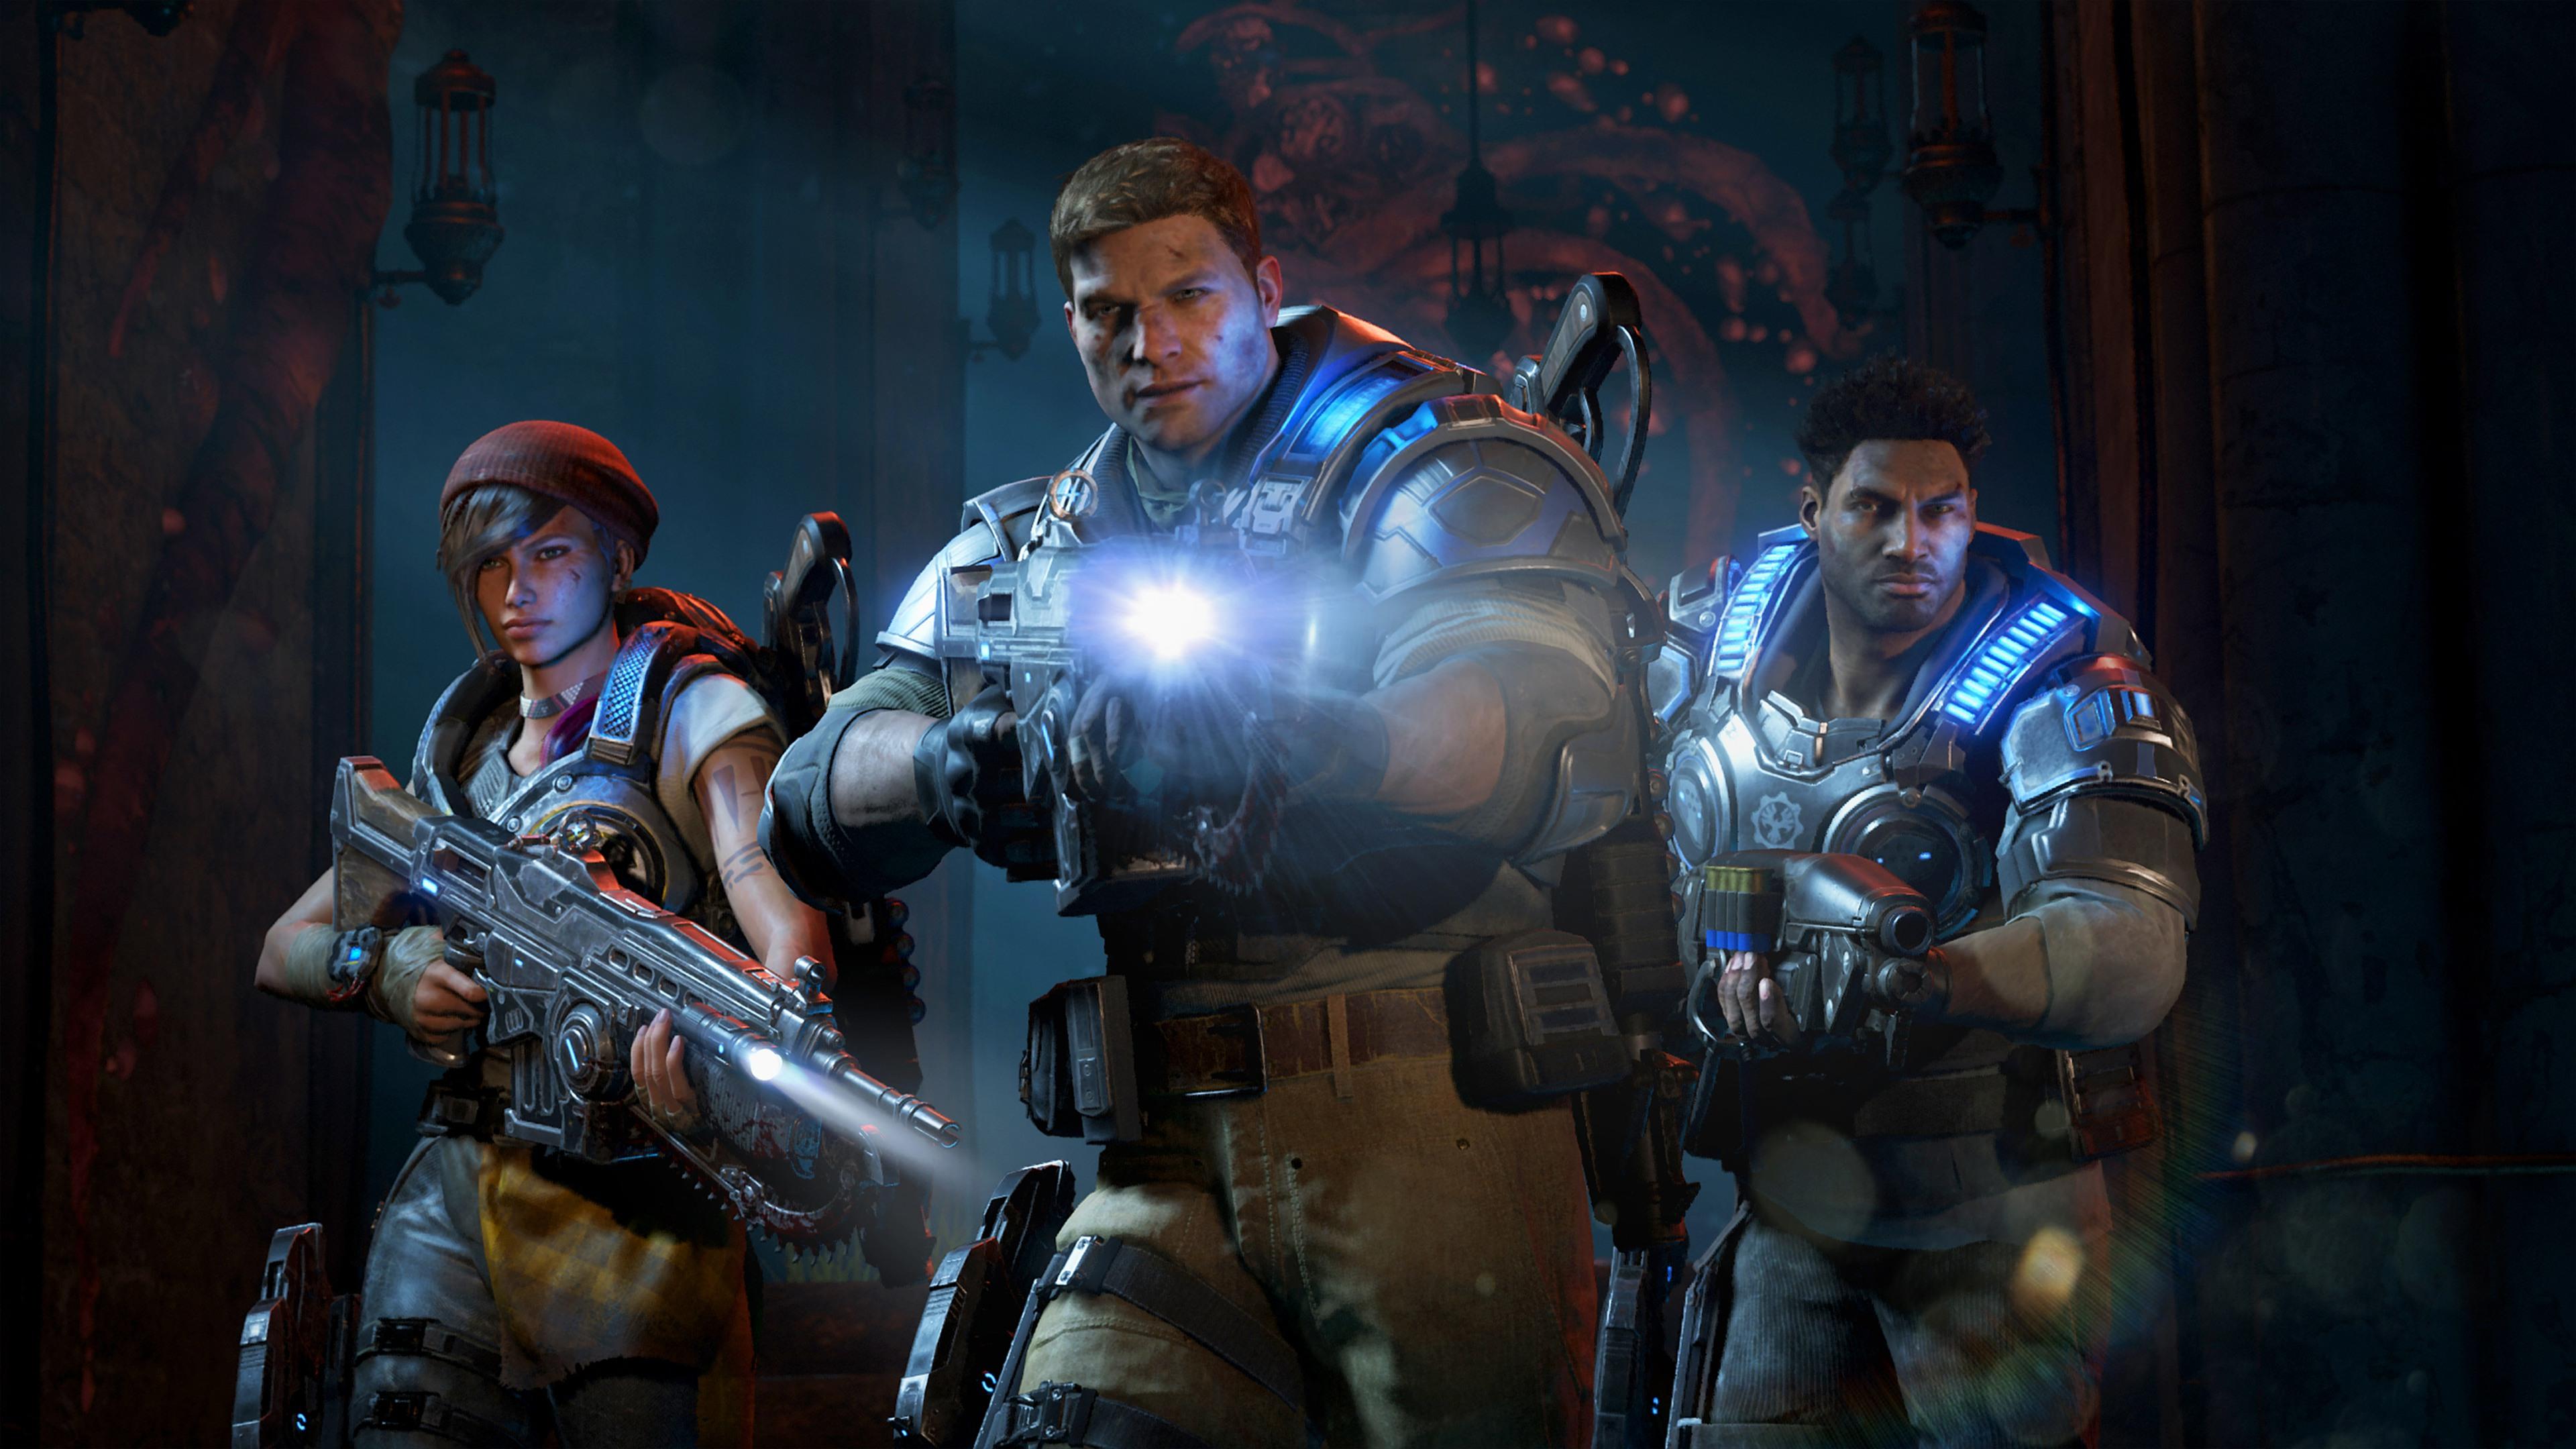 Top 5 Predictions for E3 2018